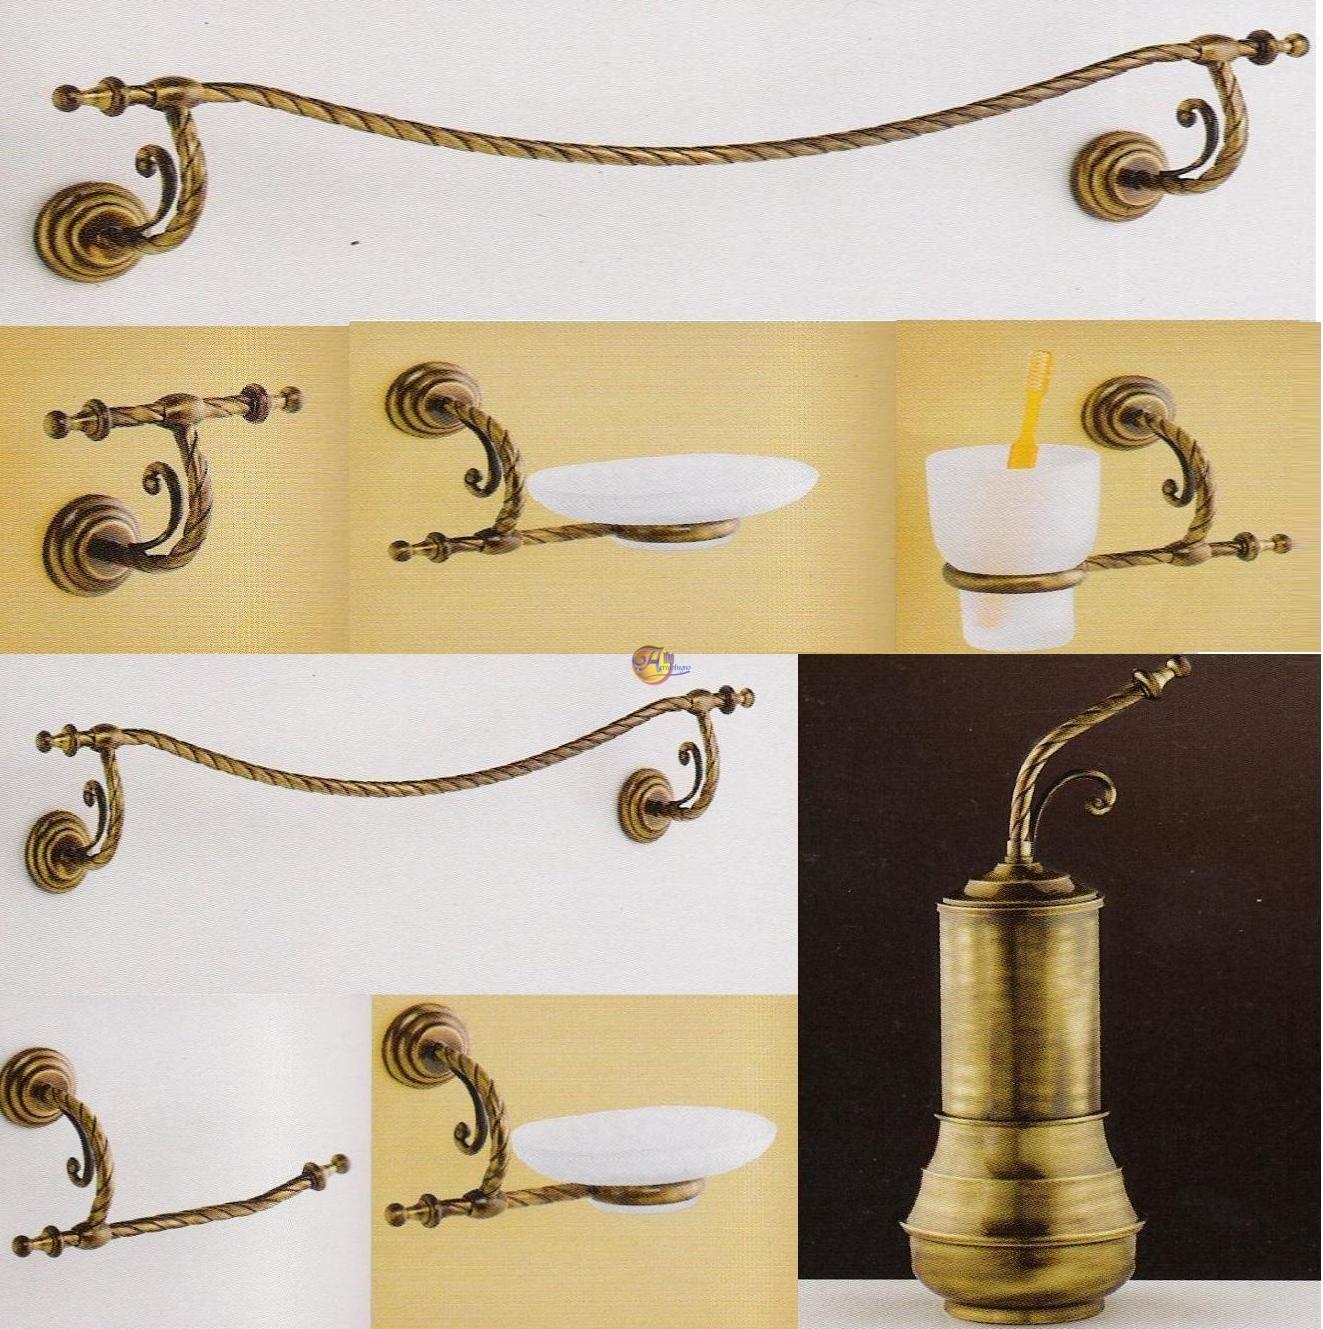 accessori da bagno classico - edilceramiche di maccanò - Feman Arredo Bagno